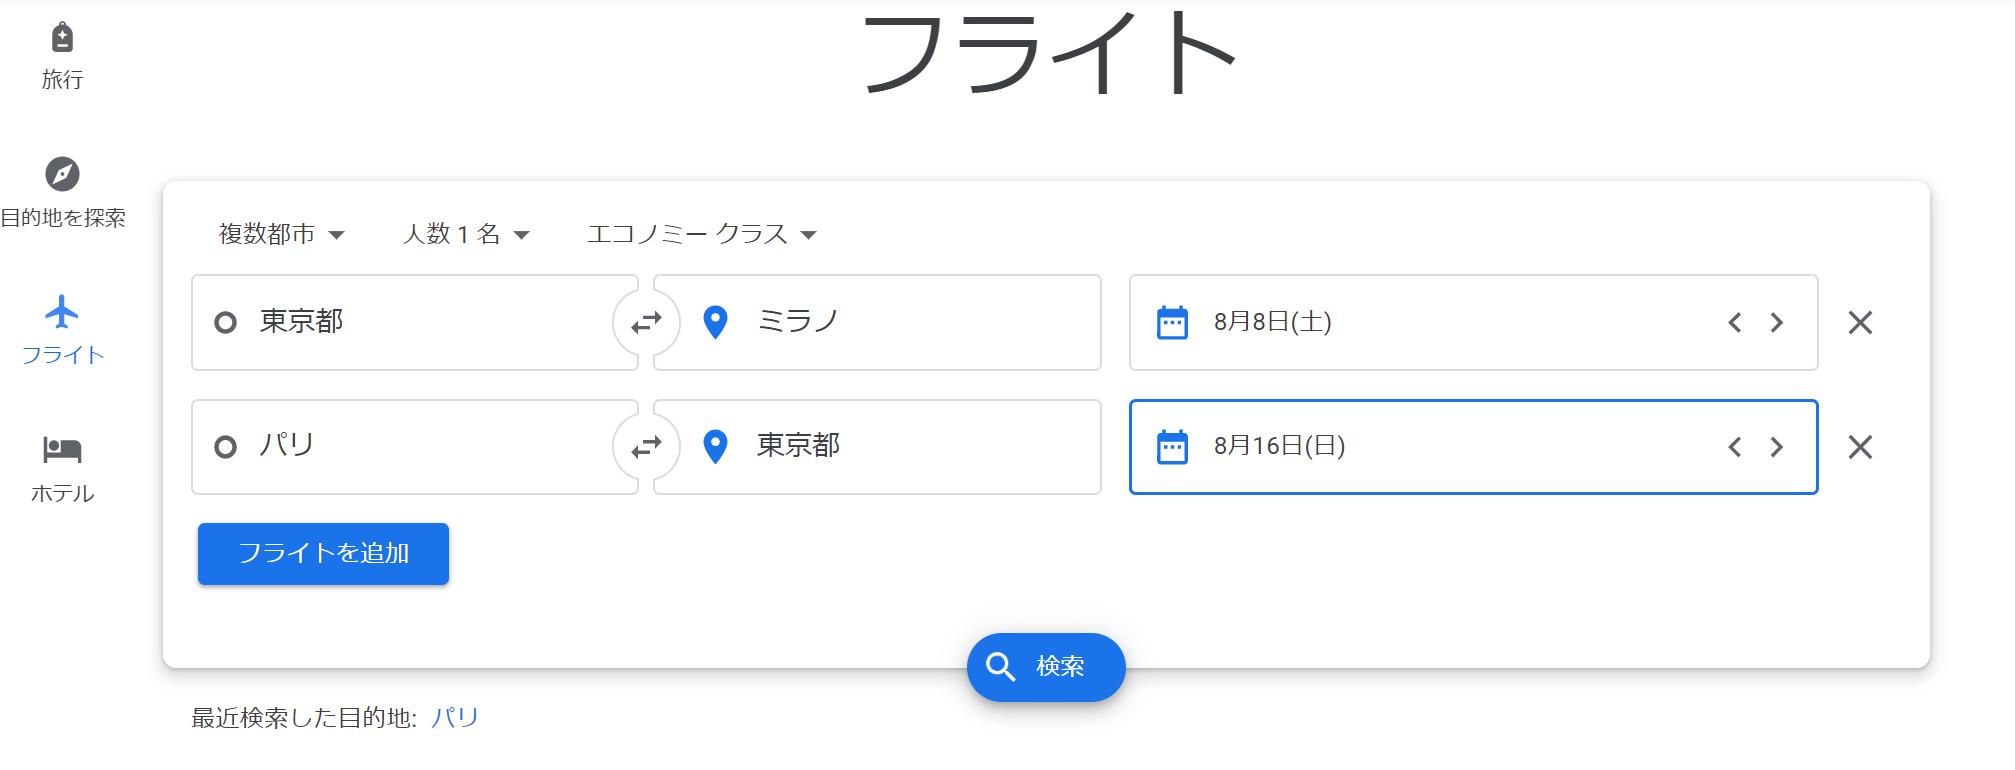 フライト google